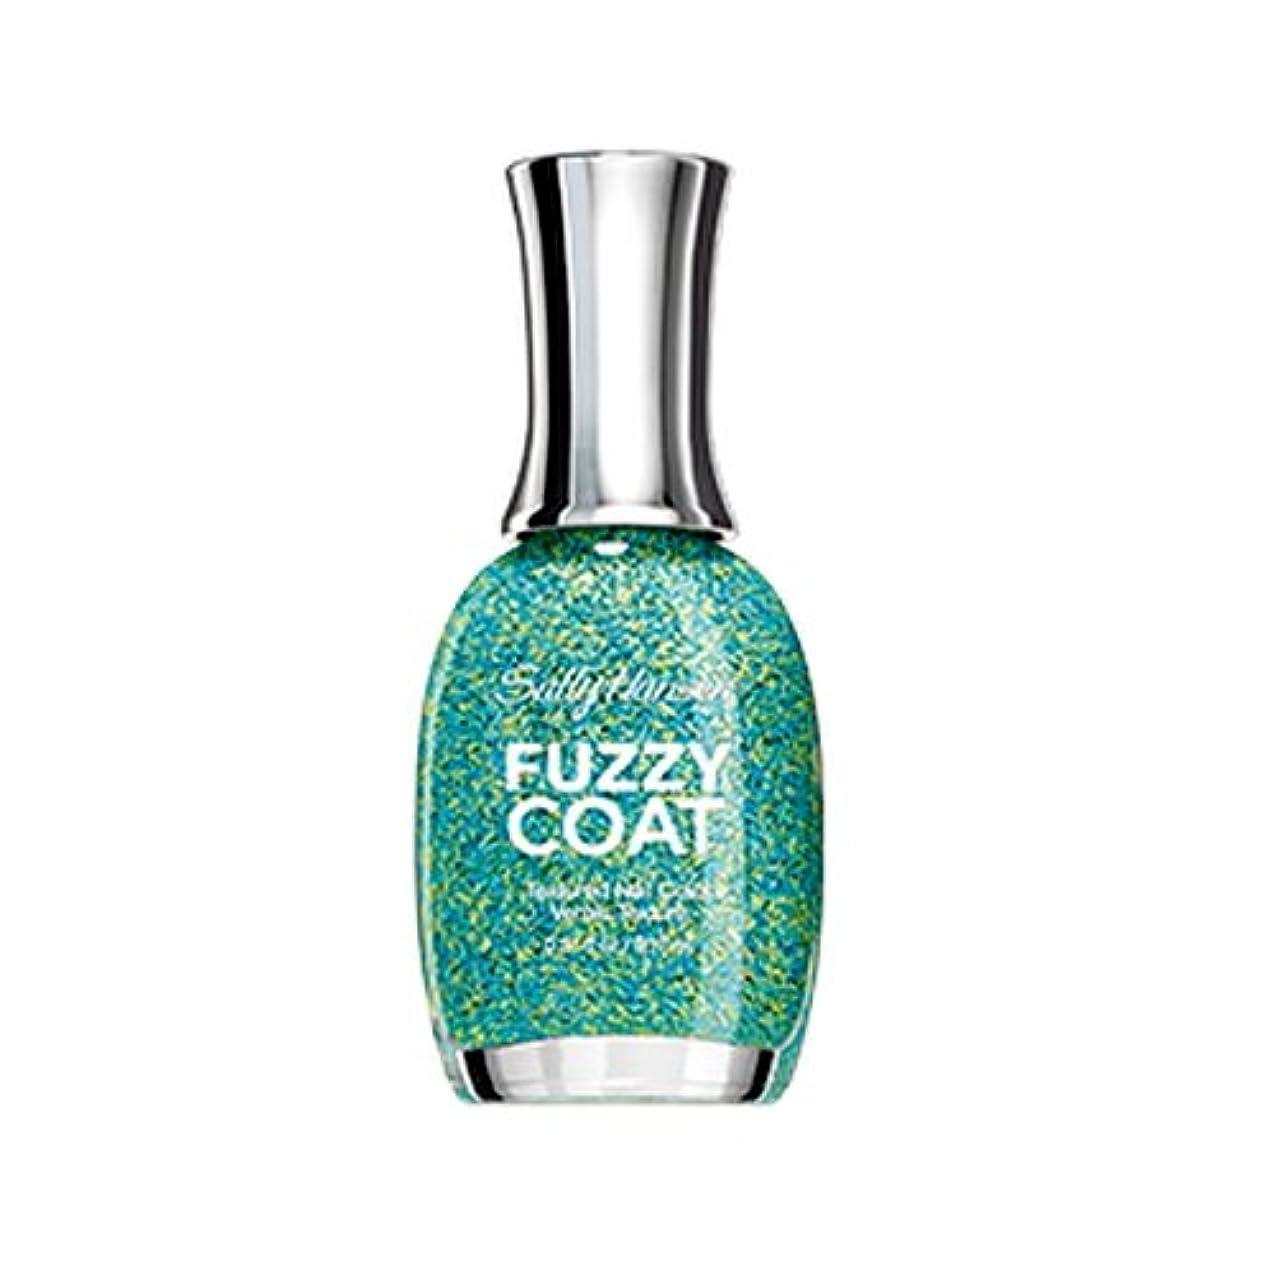 ブレイズ紛争文句を言うSALLY HANSEN Fuzzy Coat Special Effect Textured Nail Color - Fuzz-Sea (並行輸入品)